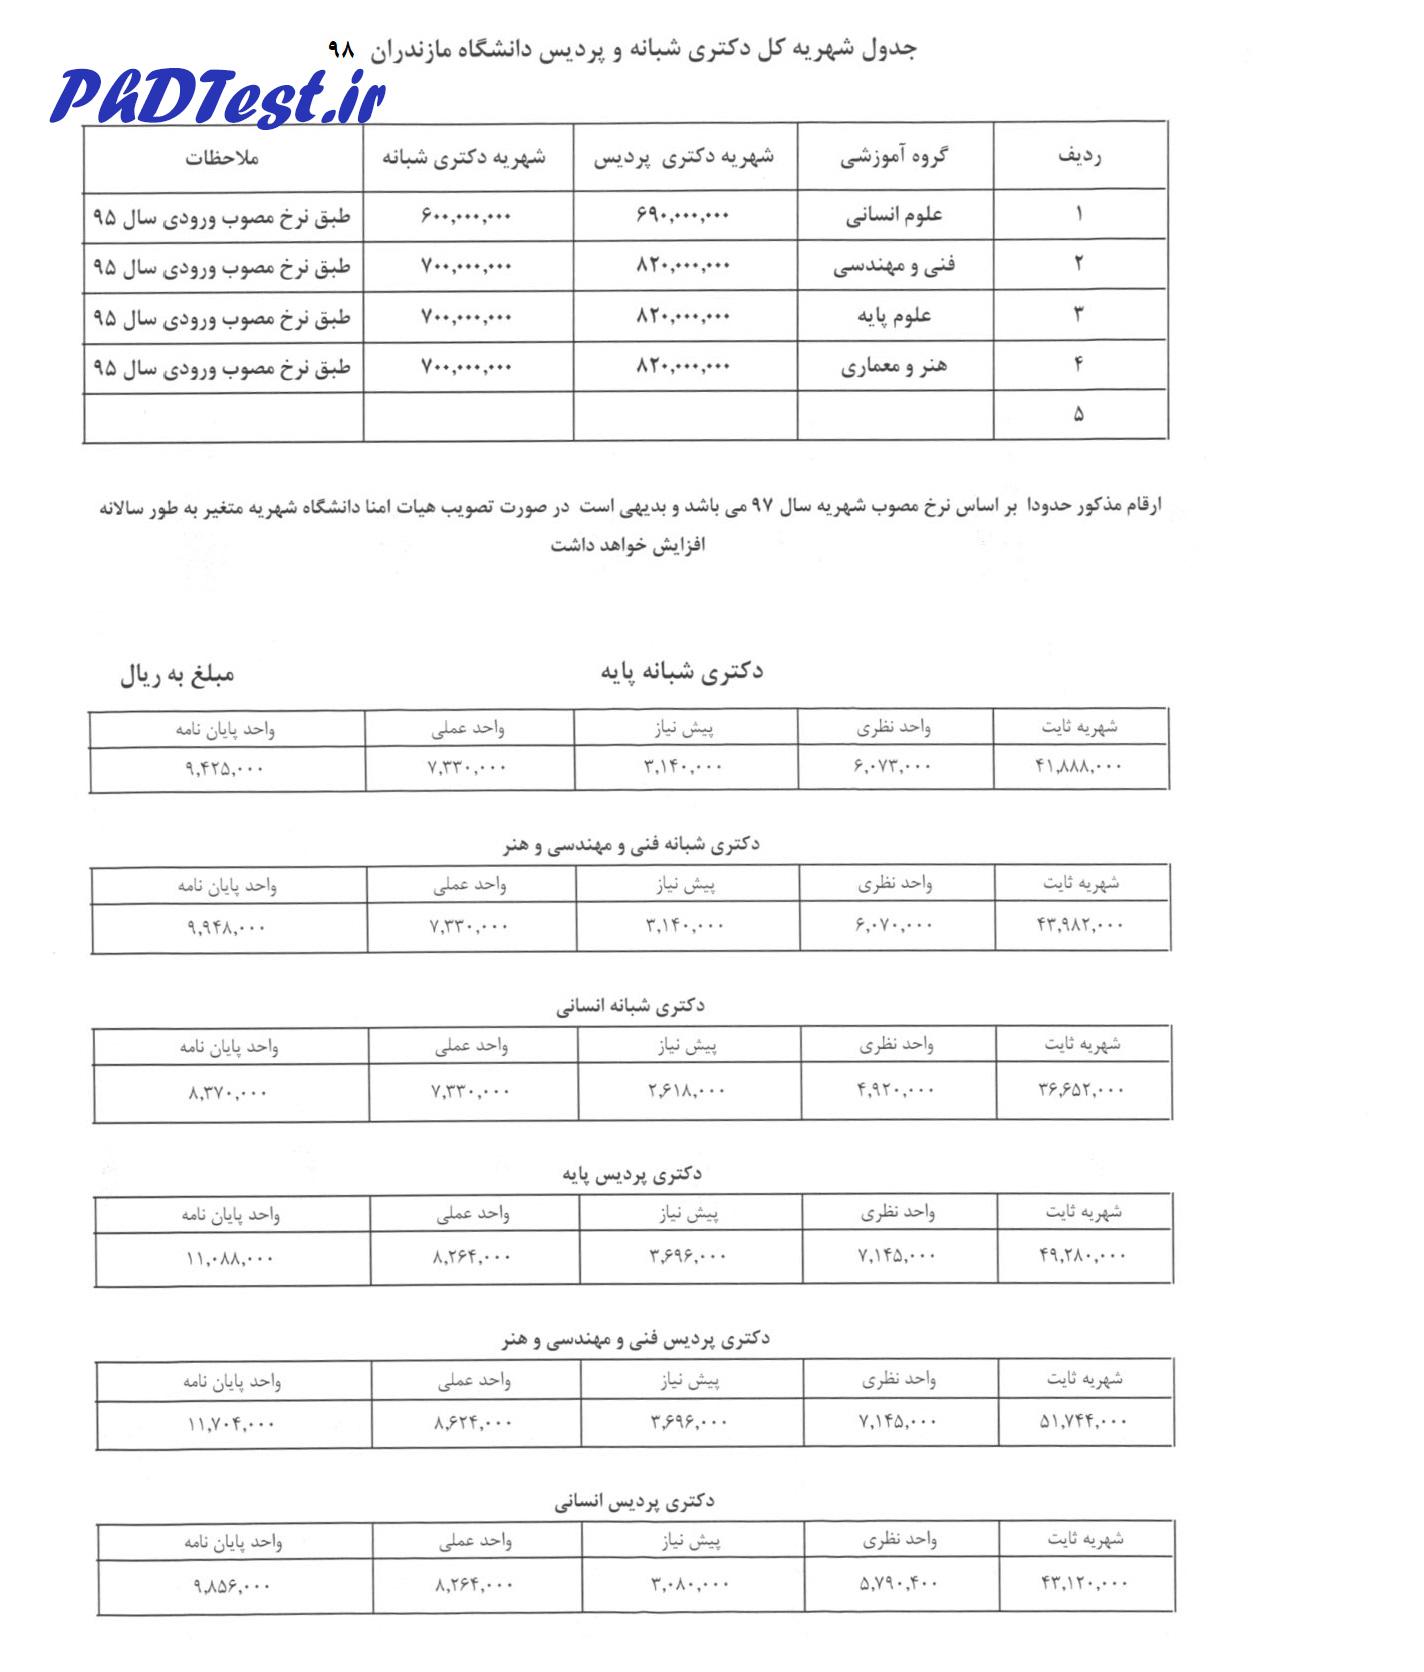 شهریه دکتری شبانه و پردیس دانشگاه مازندران 98 - 99